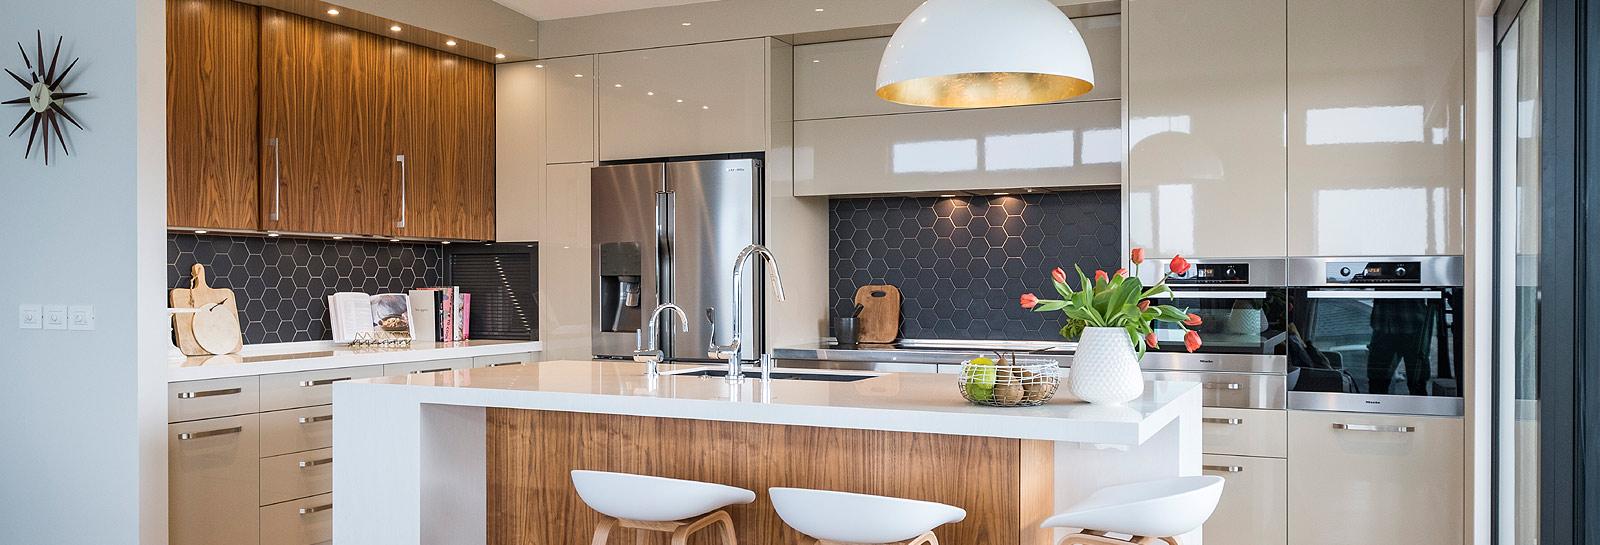 7-Silverdale-Design-Kitchen